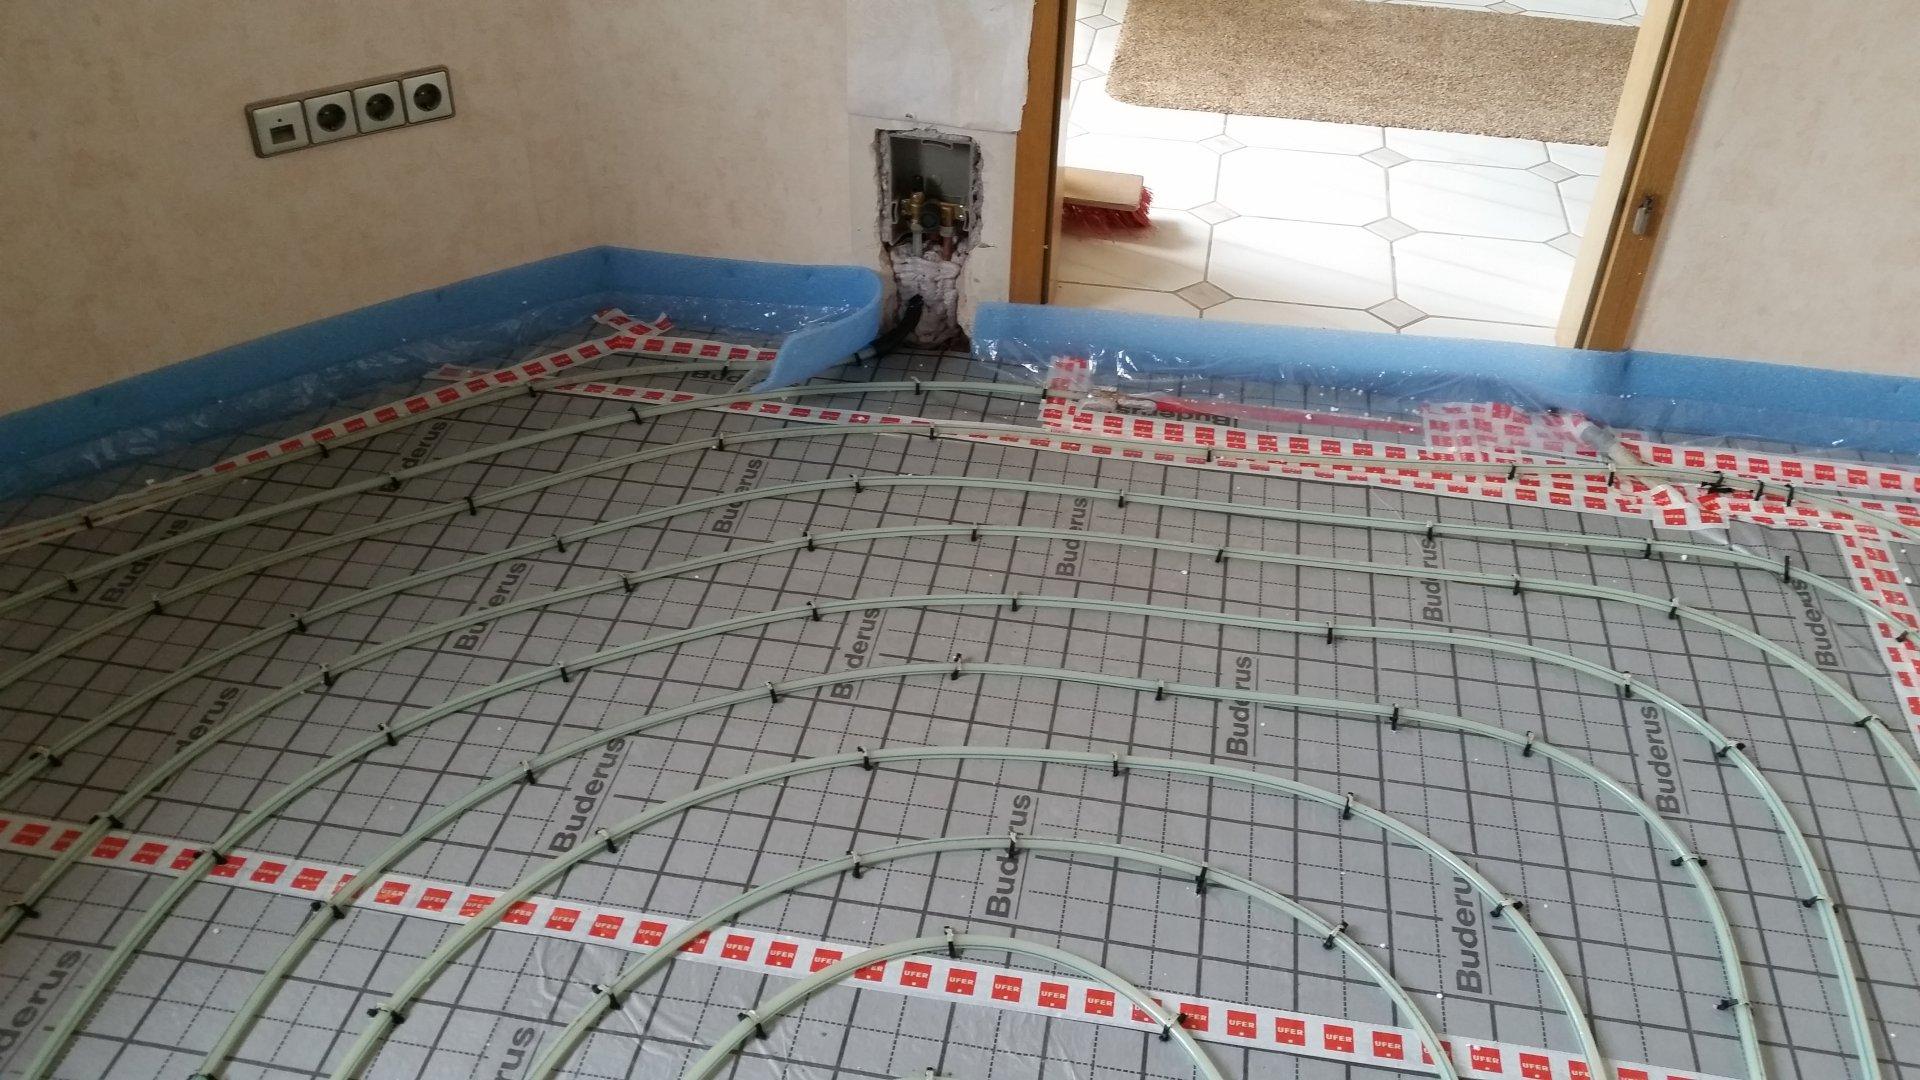 Hervorragend Estrich/Fußbodenheizung wird nicht warm SQ05